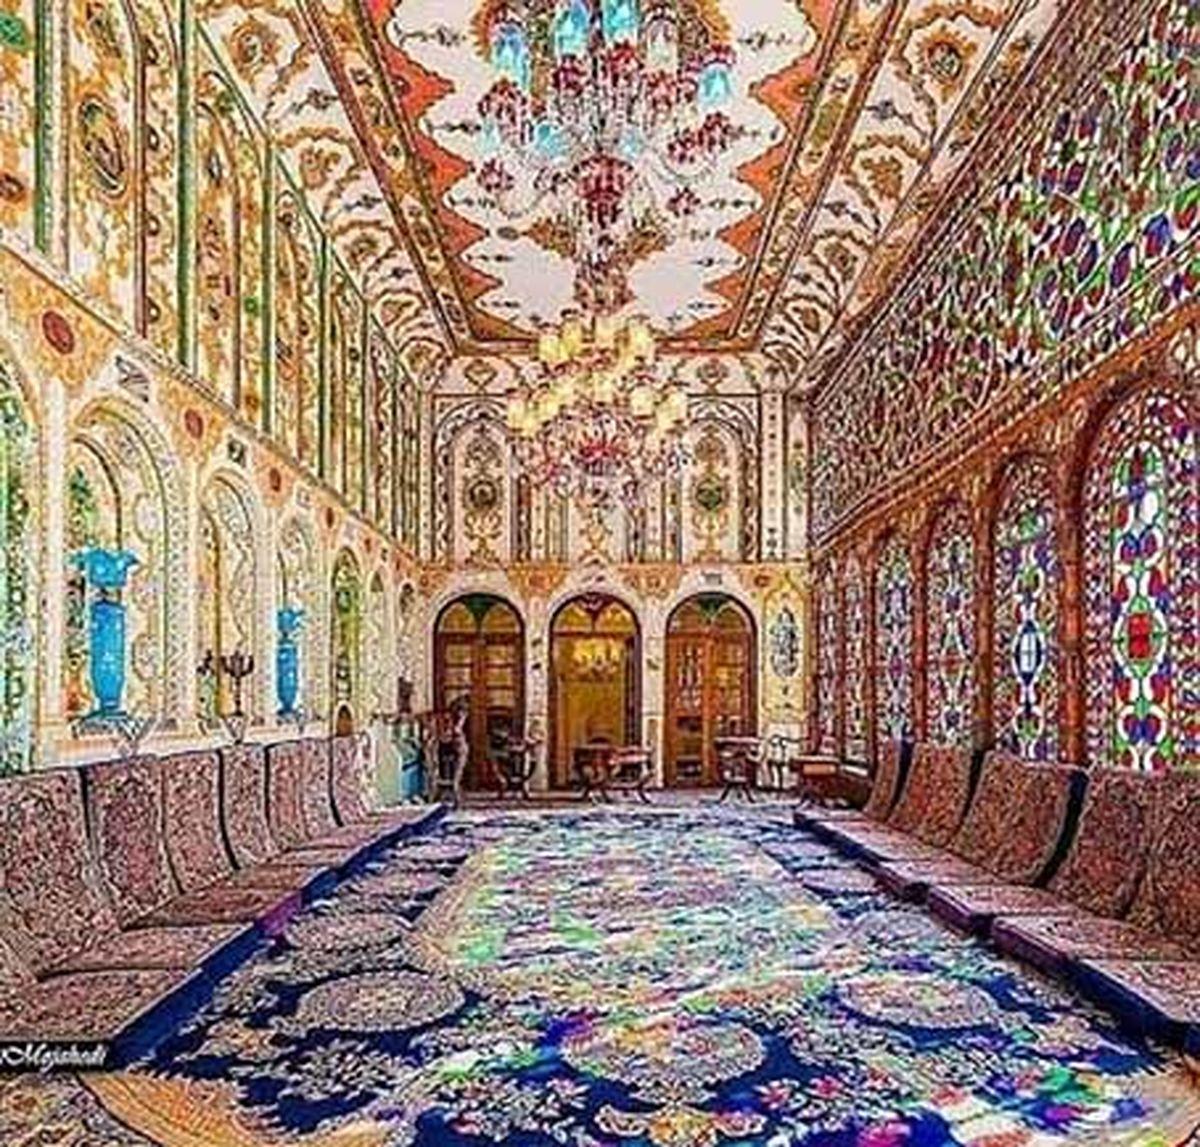 تالار کم نظیر خانه تاریخی ملا باشی(معتمدی)